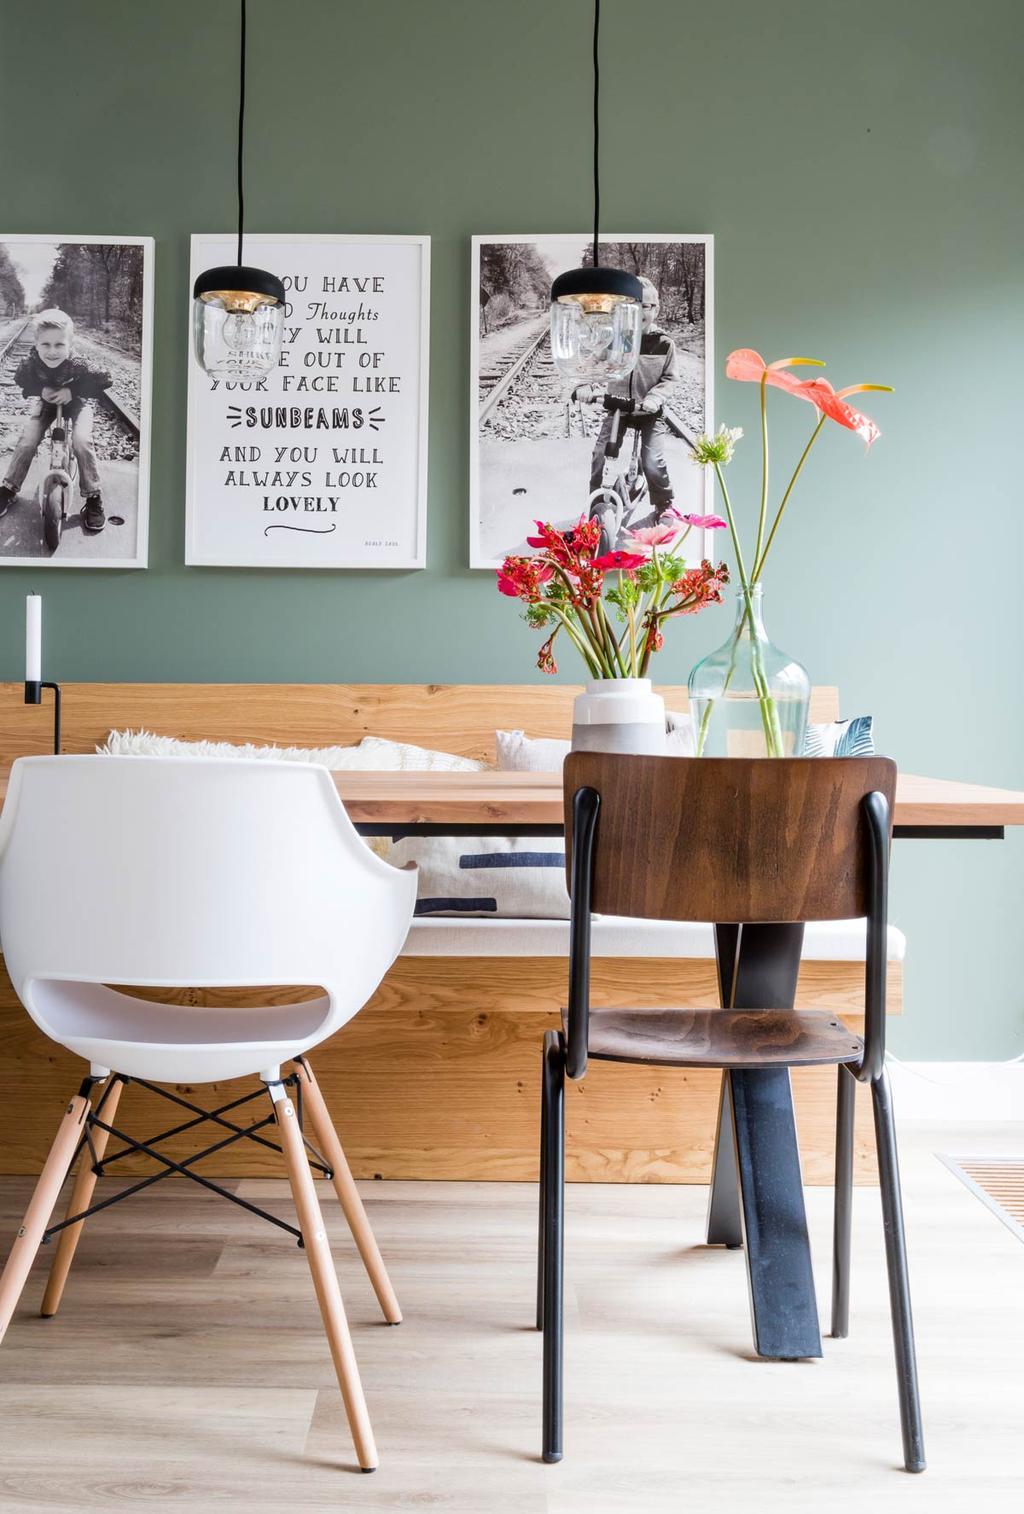 Eettafel met verschillende stoelen tegen groene muur